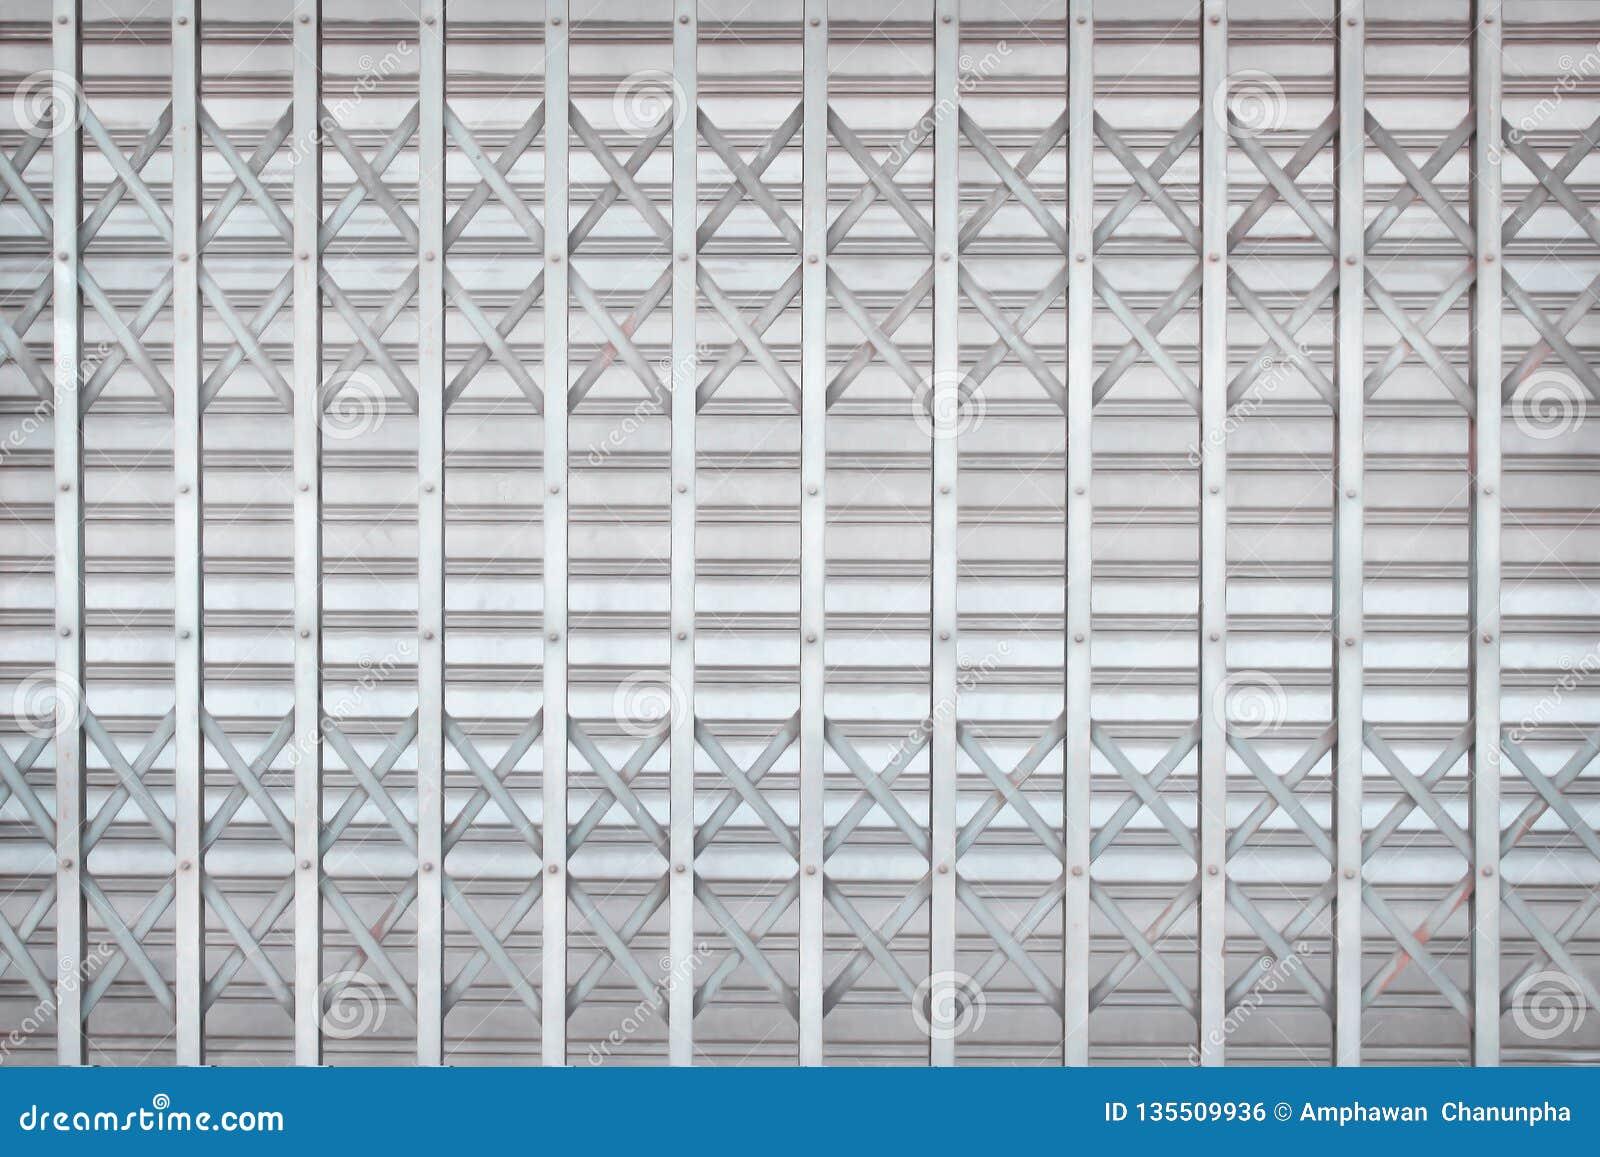 Szarość lub srebra toczny stalowy drzwi lub rolkowy żaluzji drzwi wewnątrz przeplatamy wzory dla tła